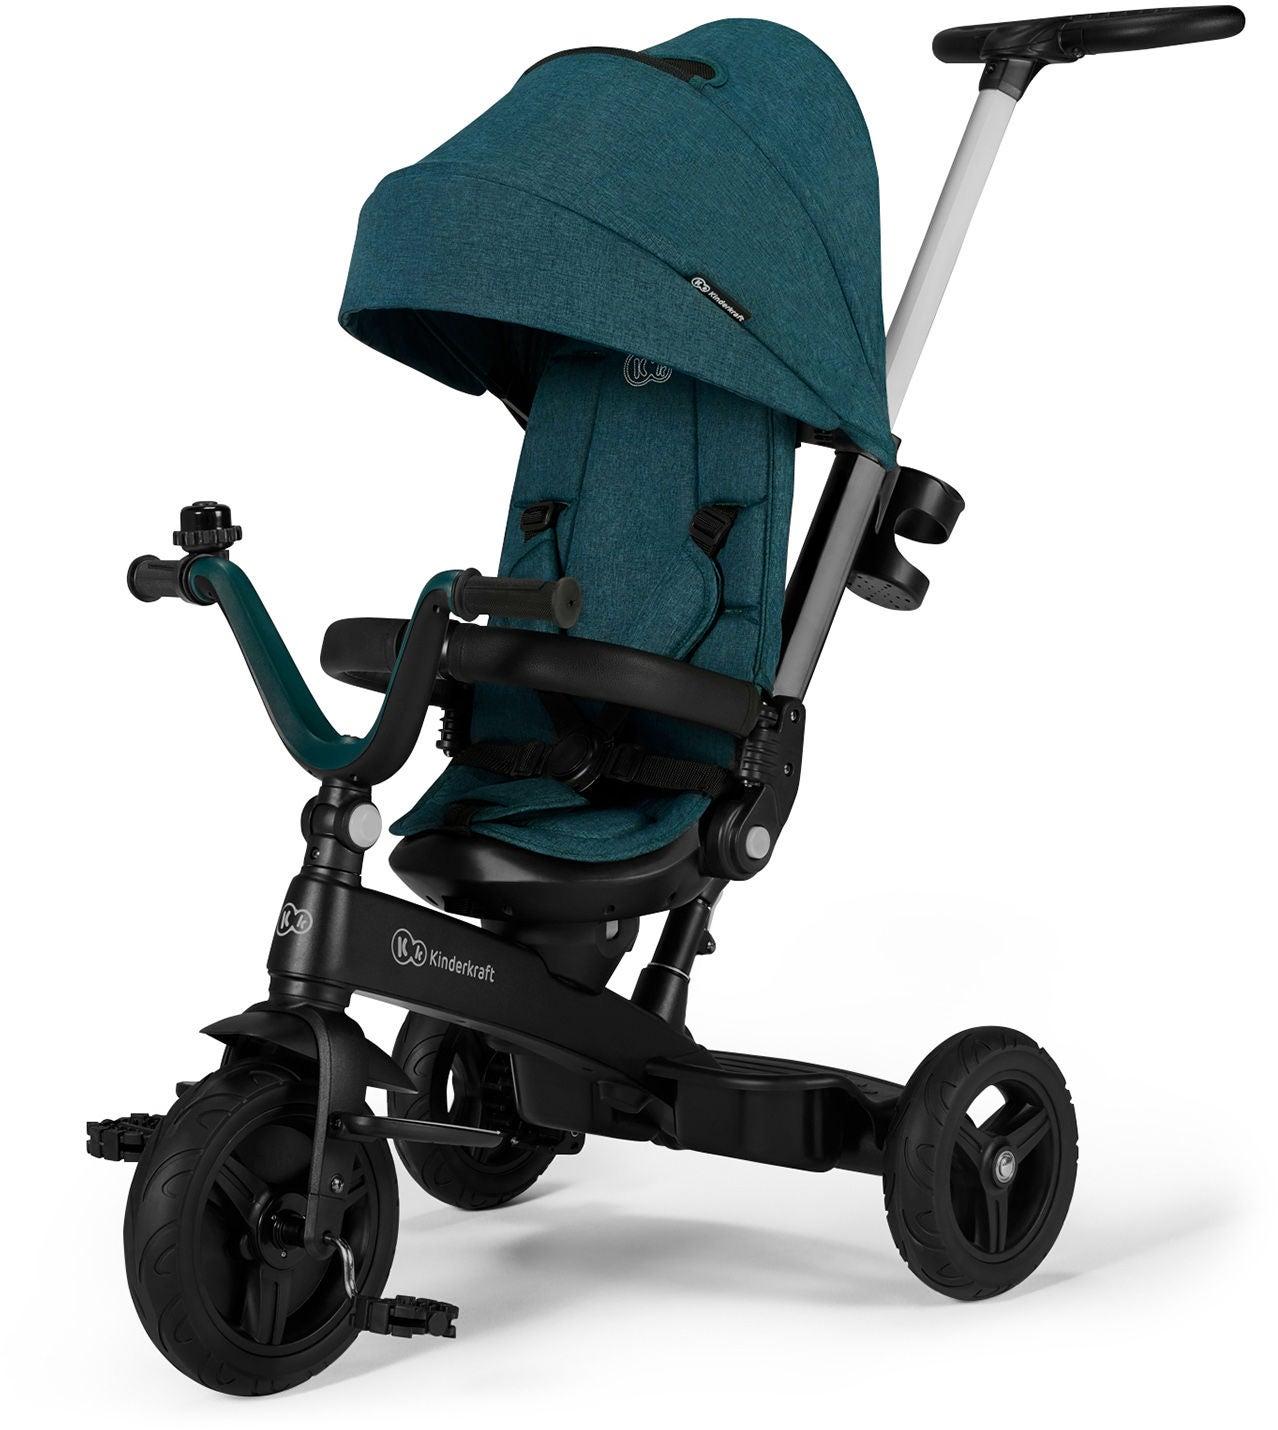 Kinderkraft Twipper Trehjuling, Grön